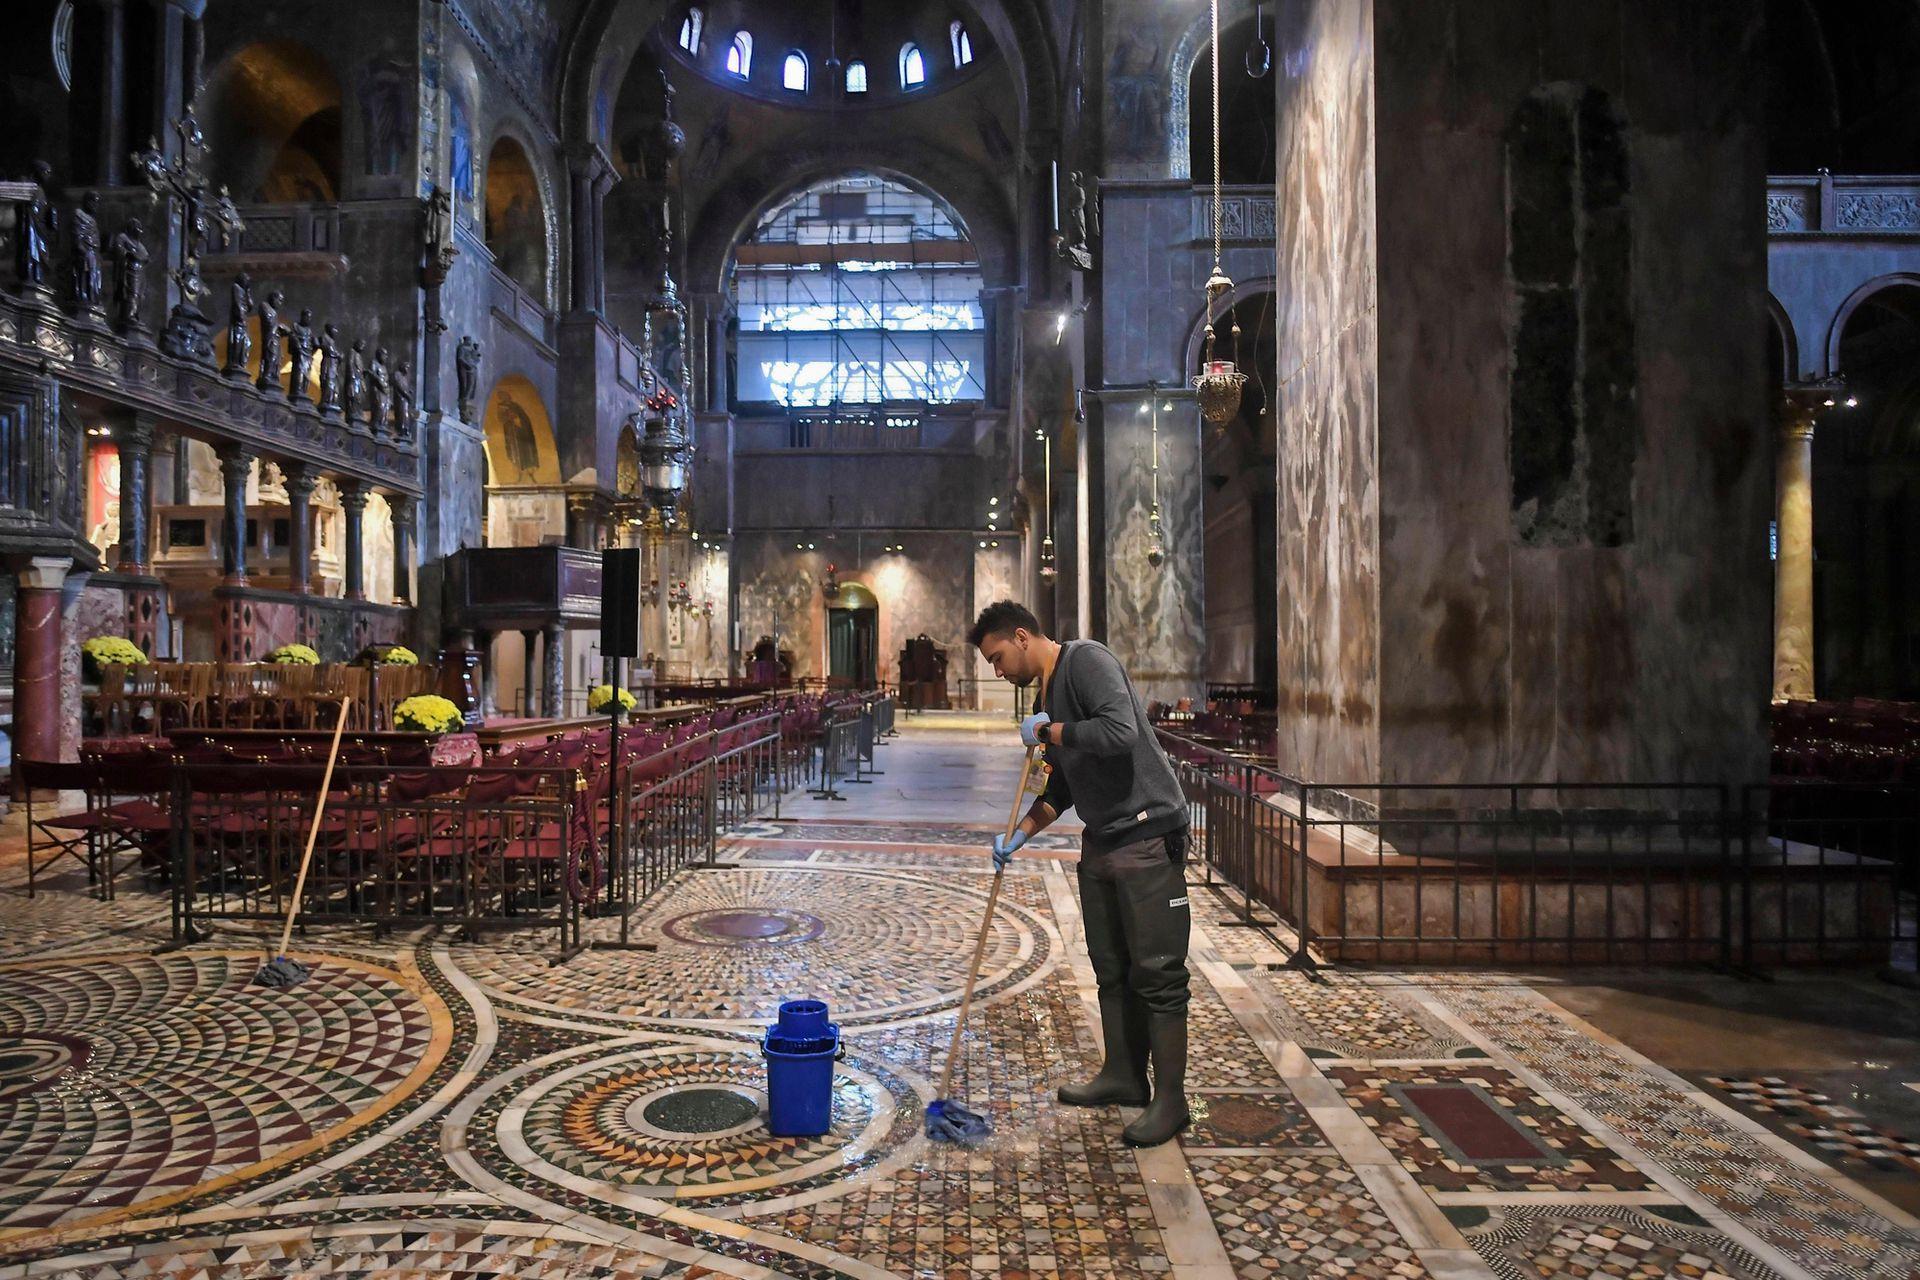 Un hombre trapea el piso de la Basílica de San Marcos inundada después de un excepcional nivel de agua durante la marea alta